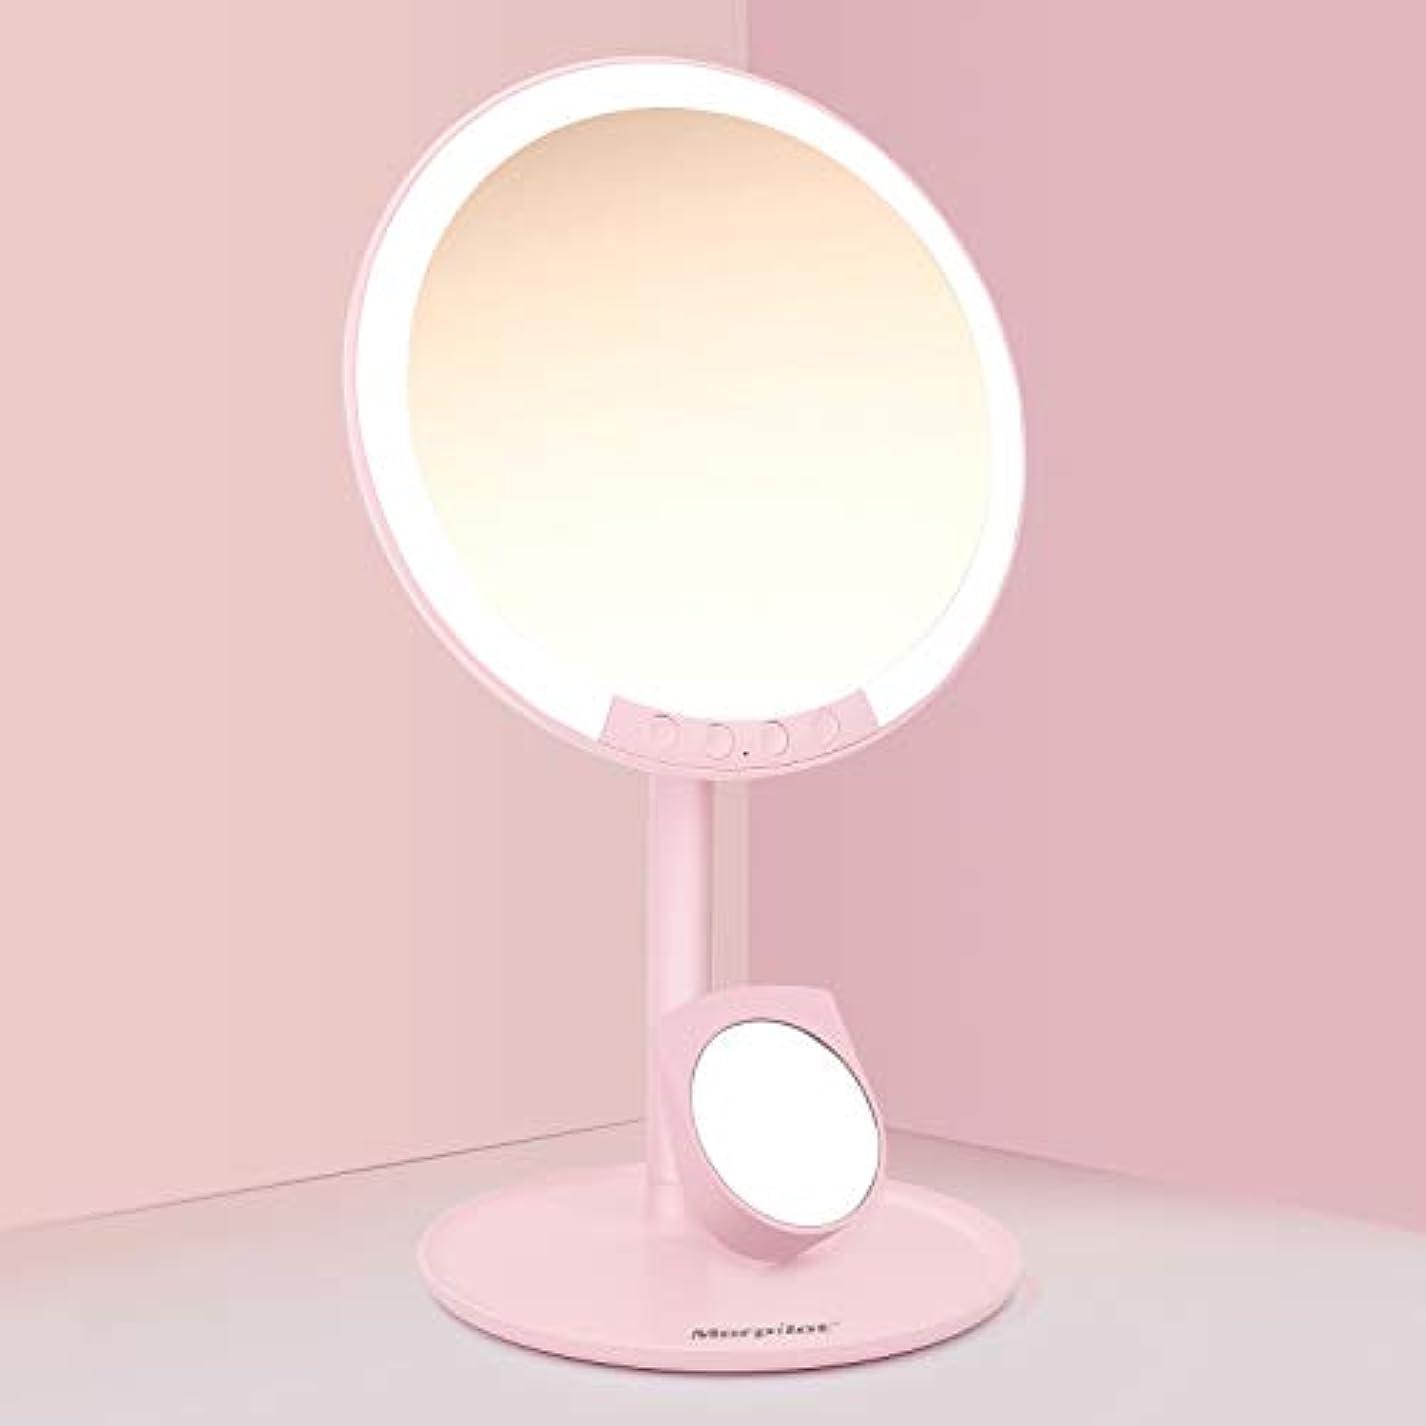 化粧鏡 化粧ミラー Morpilot 卓上ミラー 女優ミラー 66個LED付きミラー 7倍拡大鏡付き 3色調節可能 明るさ調節可能 USB充電式 120度回転 収納ベース 可愛い鏡